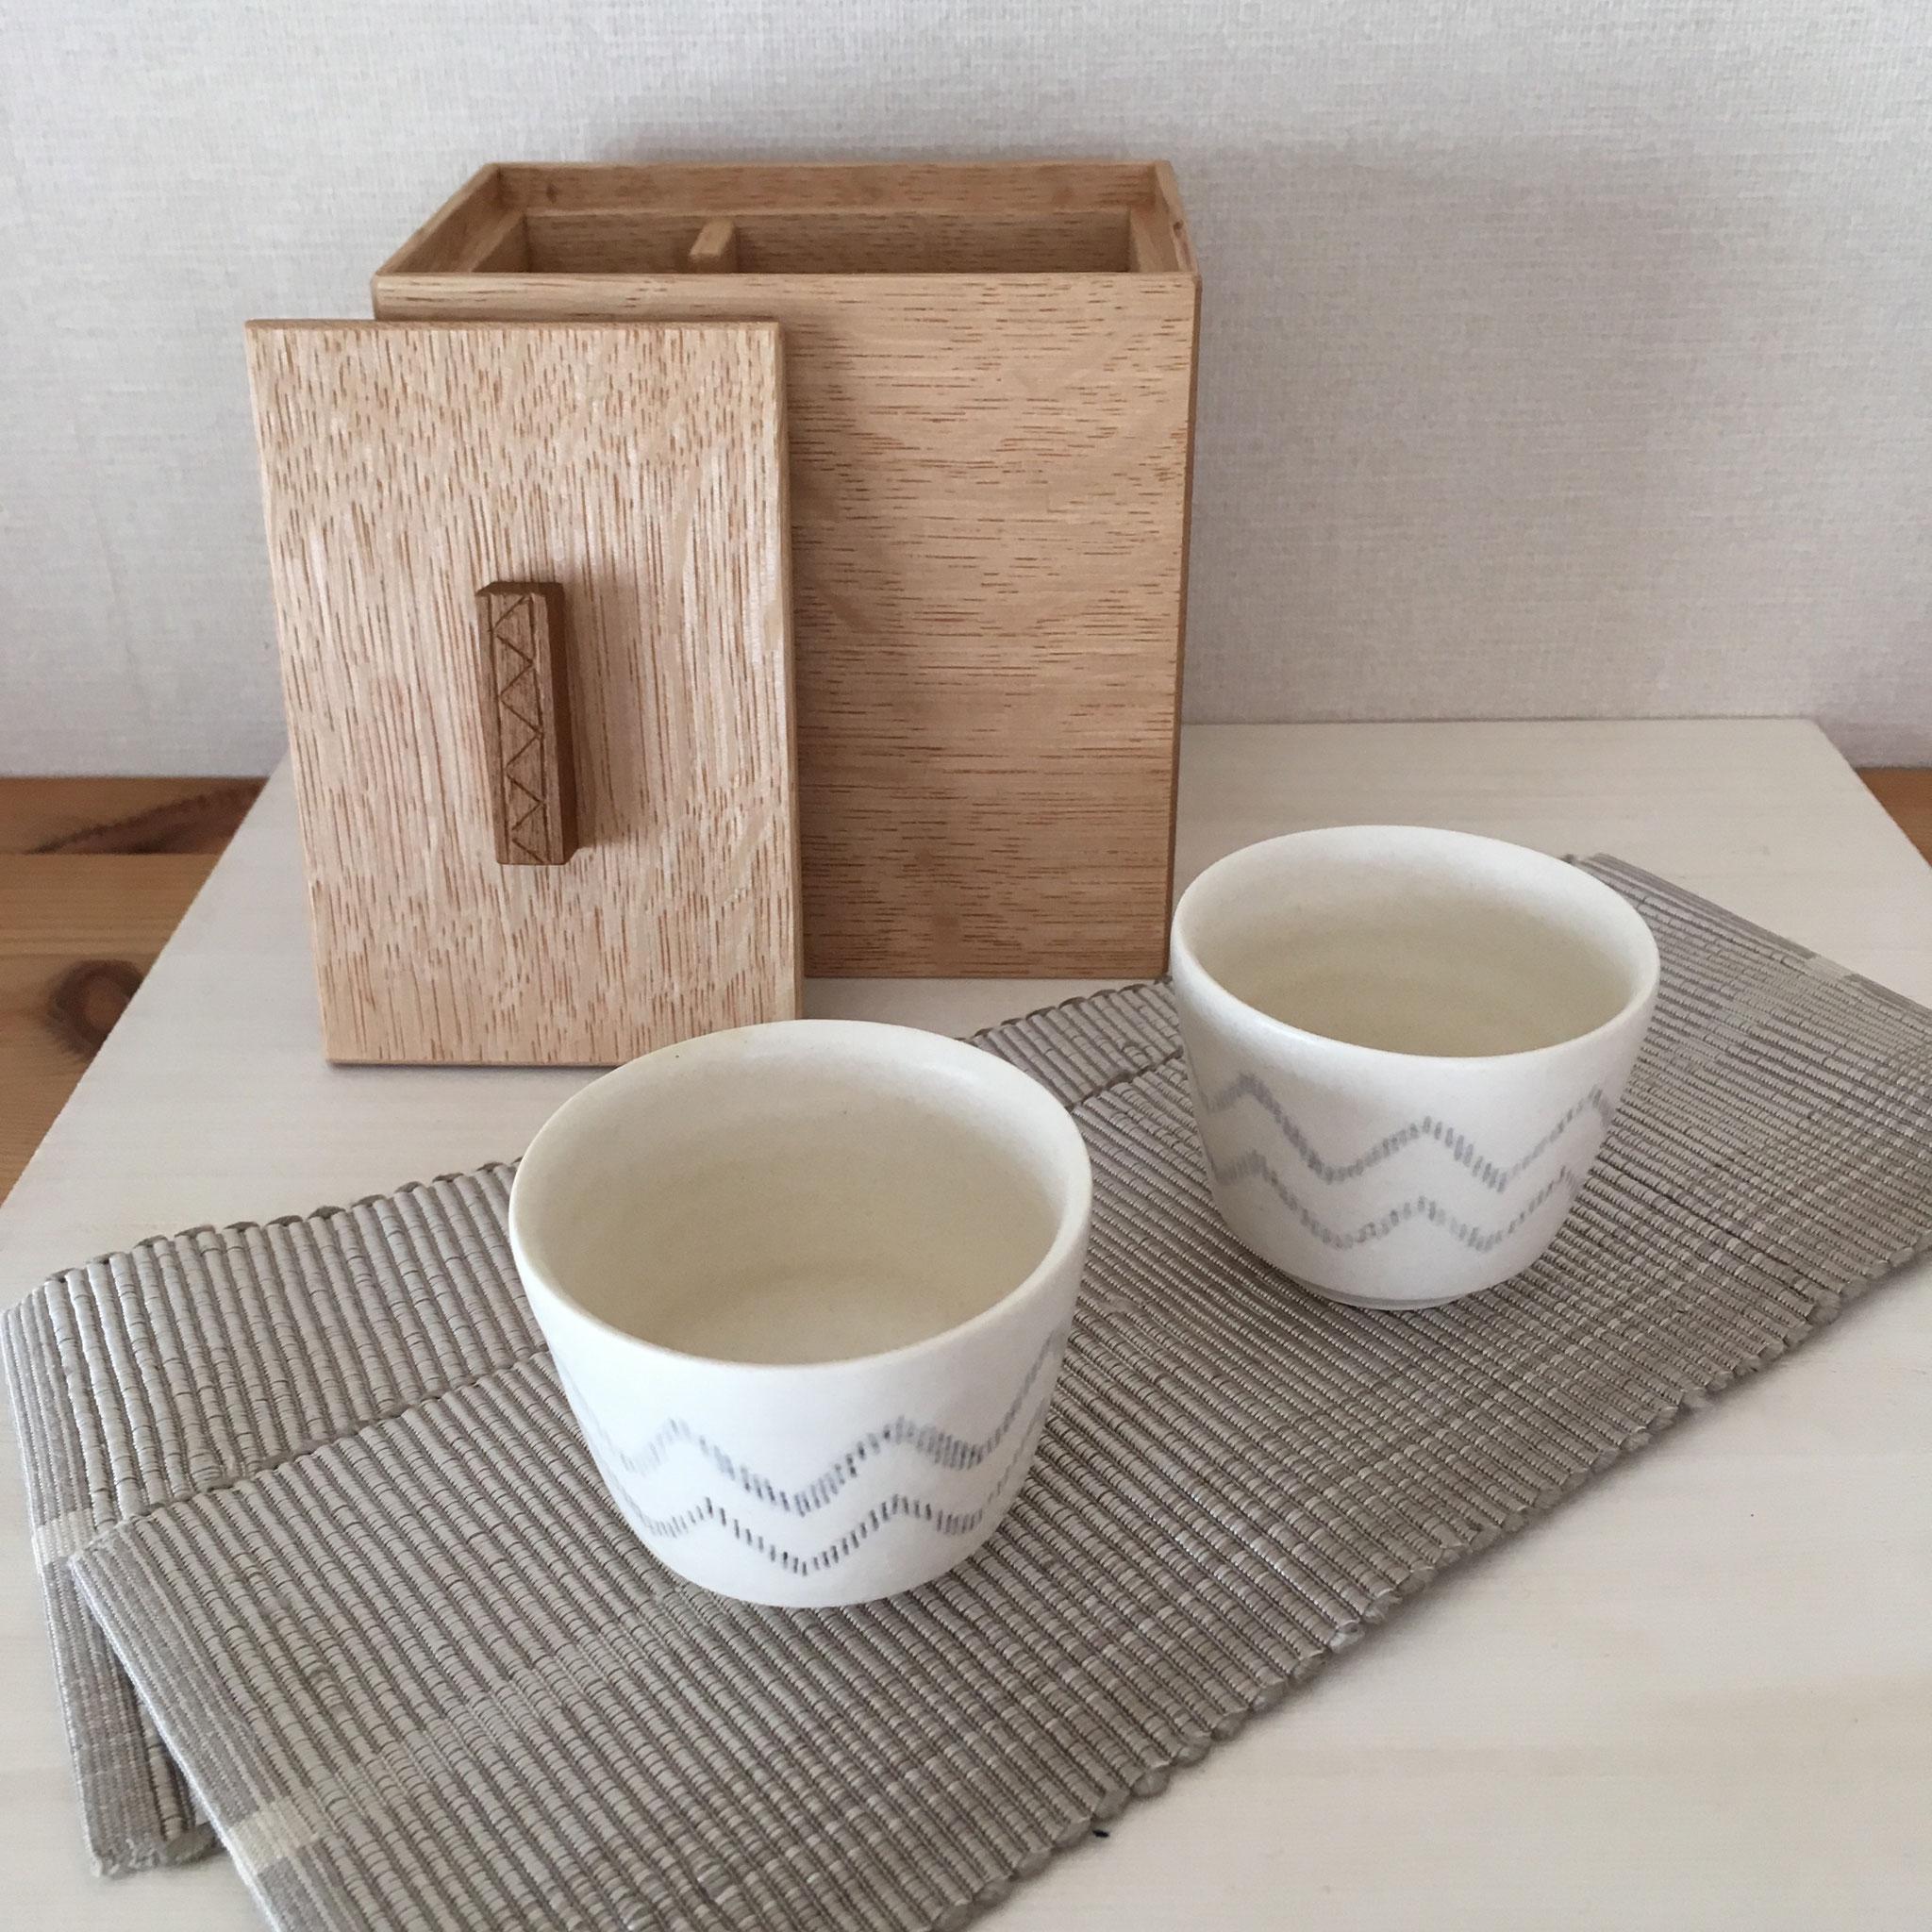 「彩箱」、小さなカップのセット